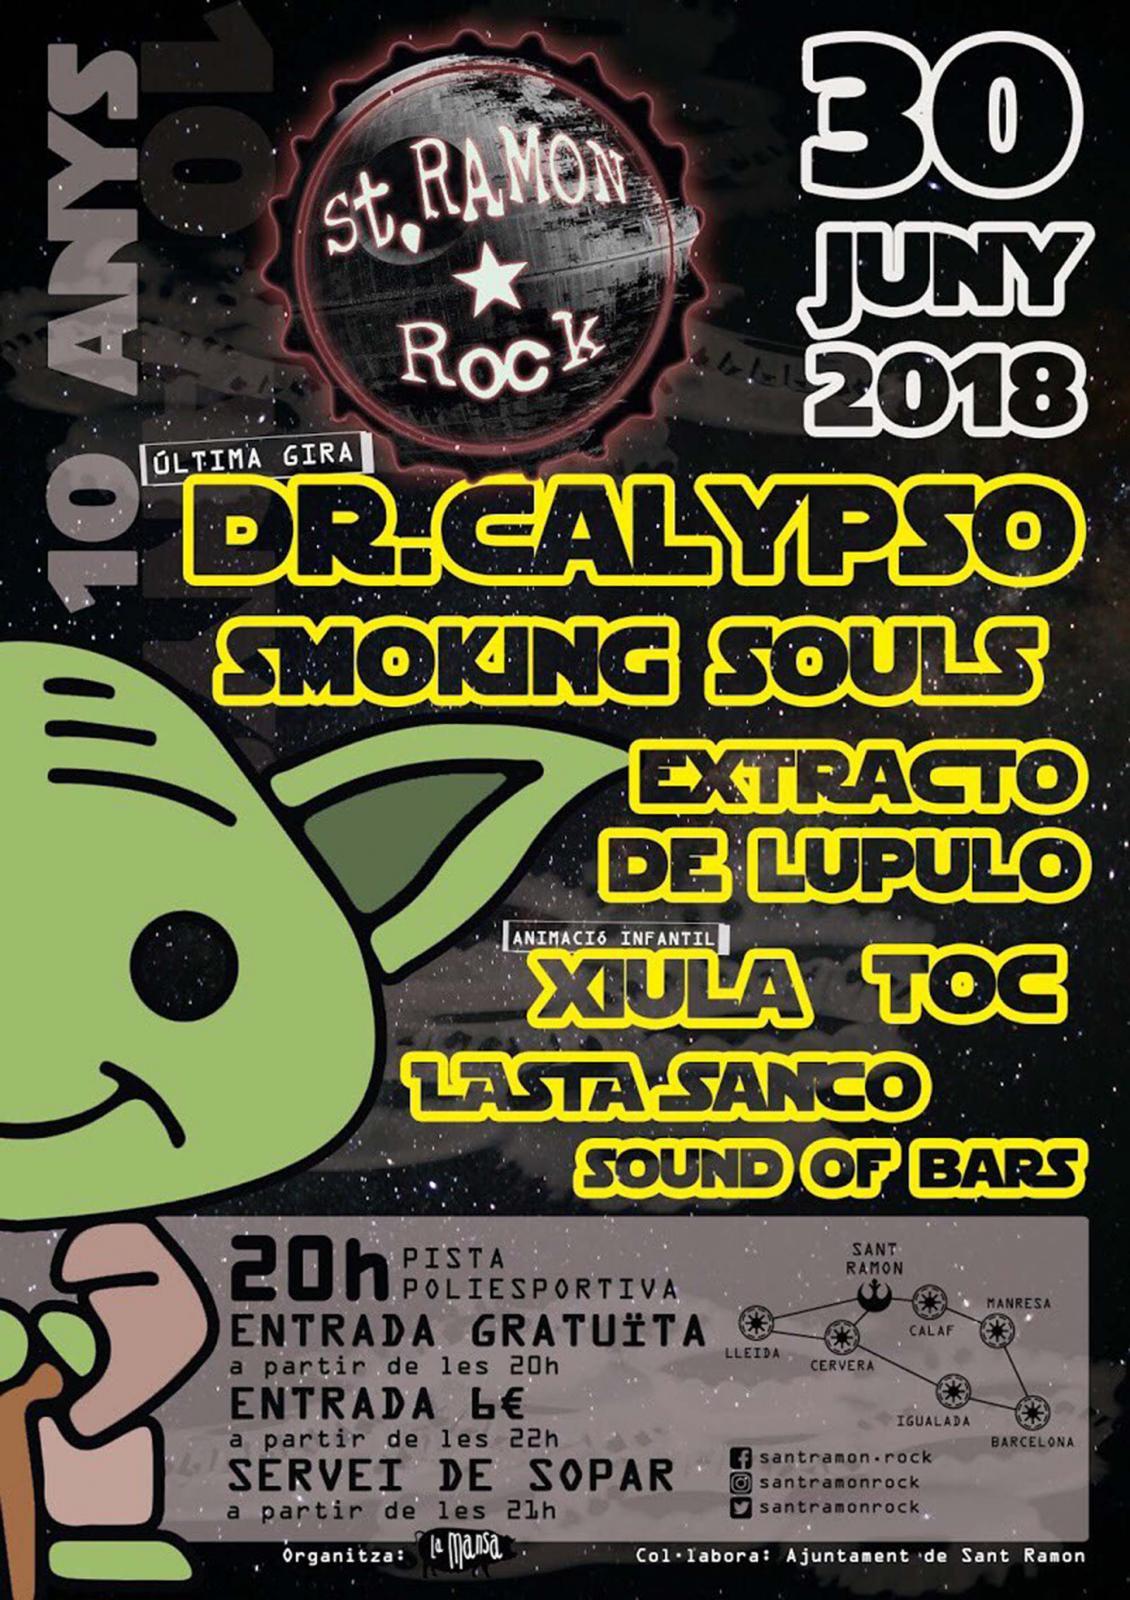 SantRamonRock 2018